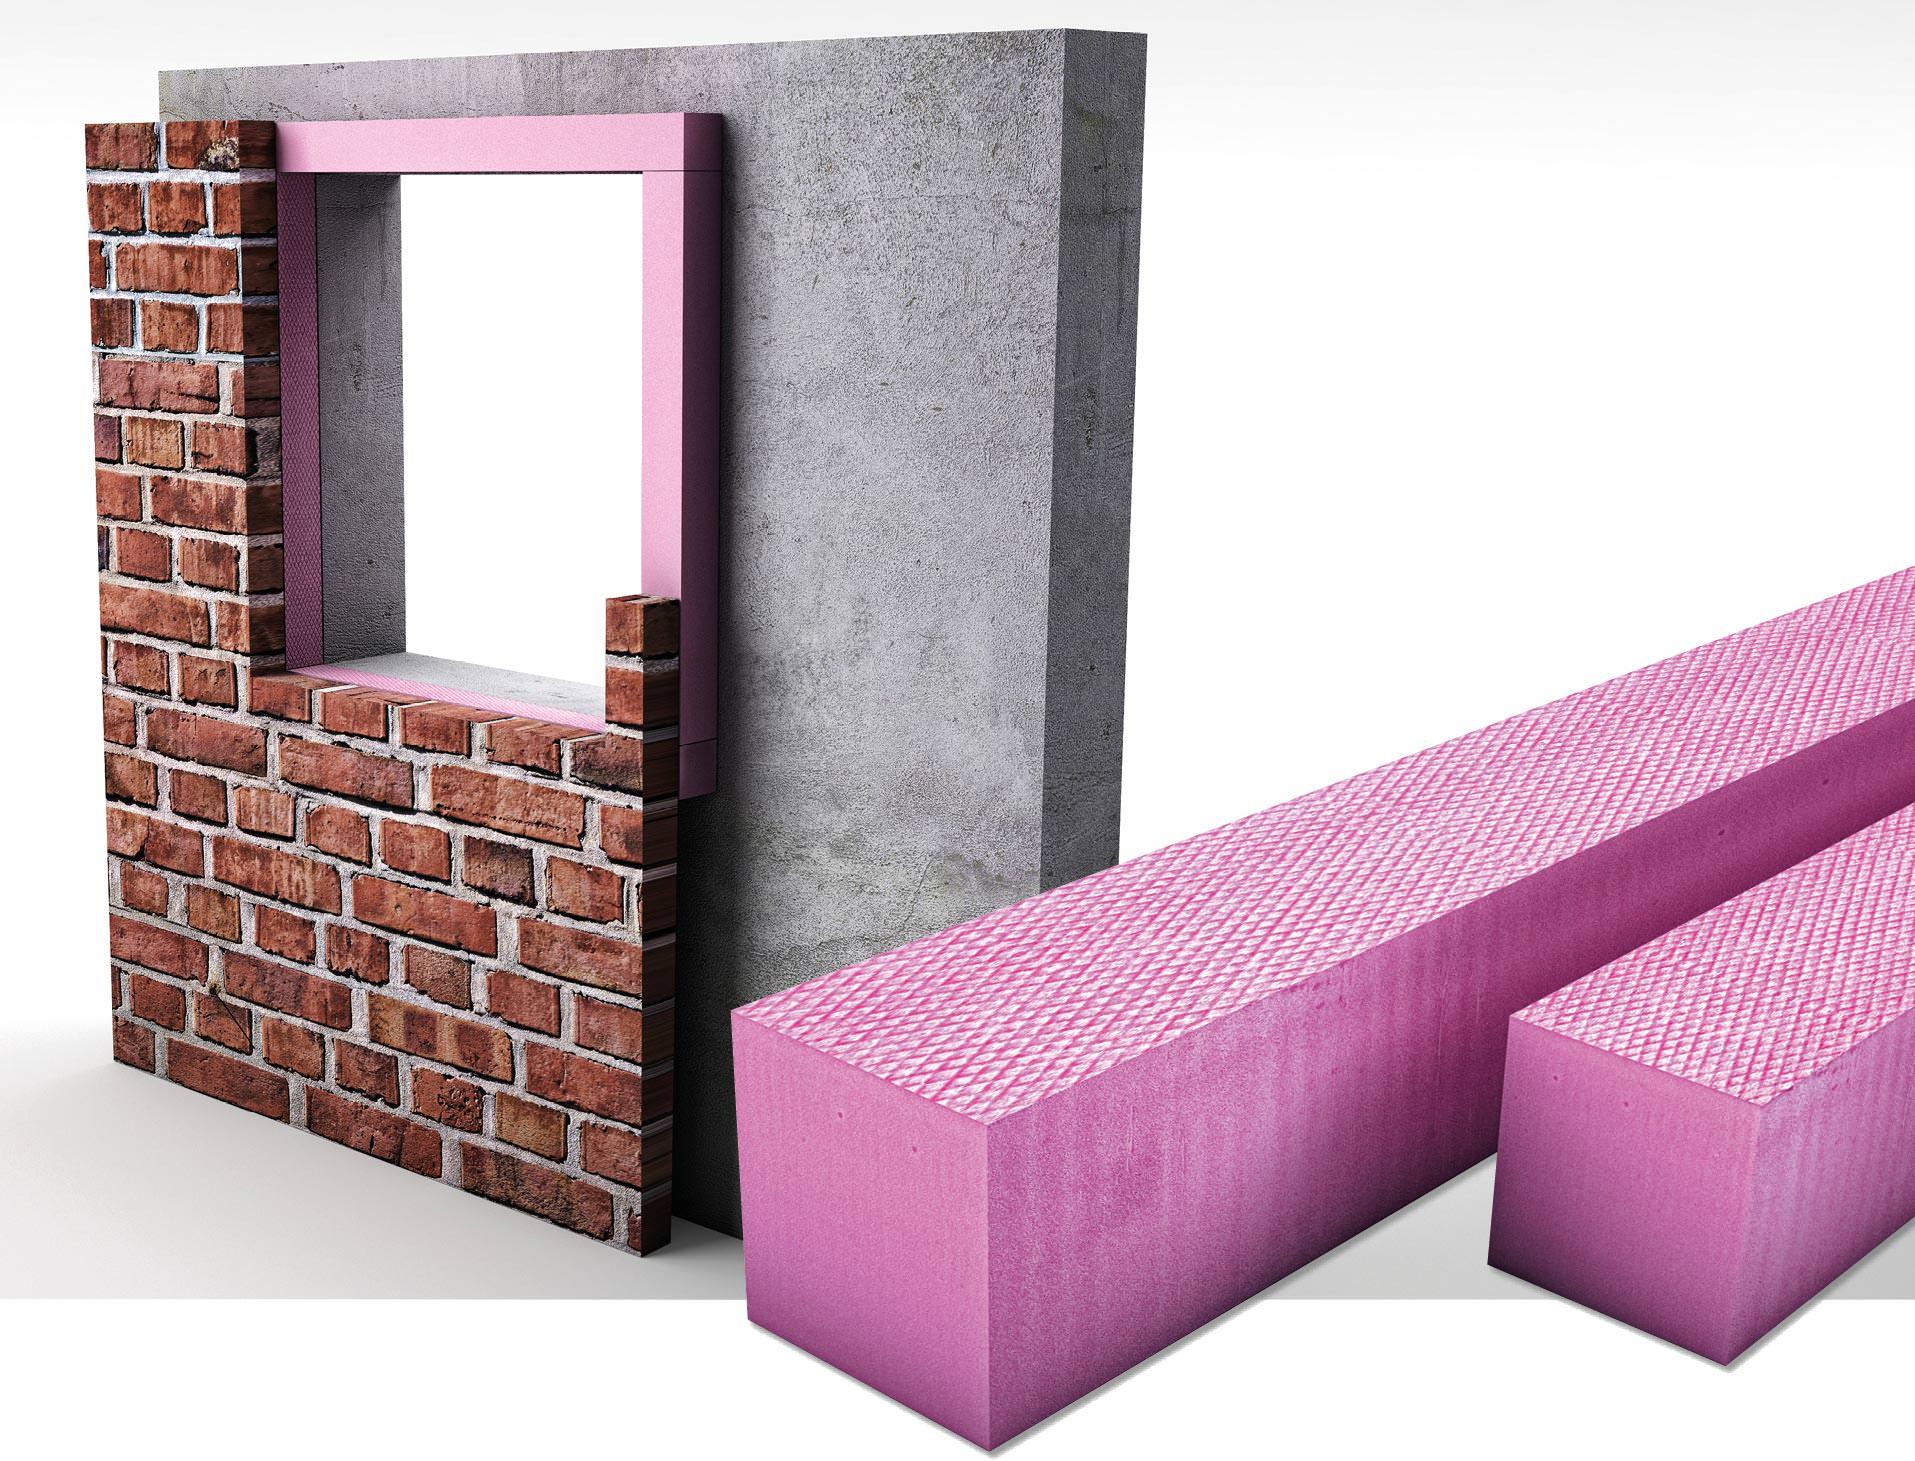 d mmung im zweischaligen mauerwerk an neuralgischen punkten. Black Bedroom Furniture Sets. Home Design Ideas